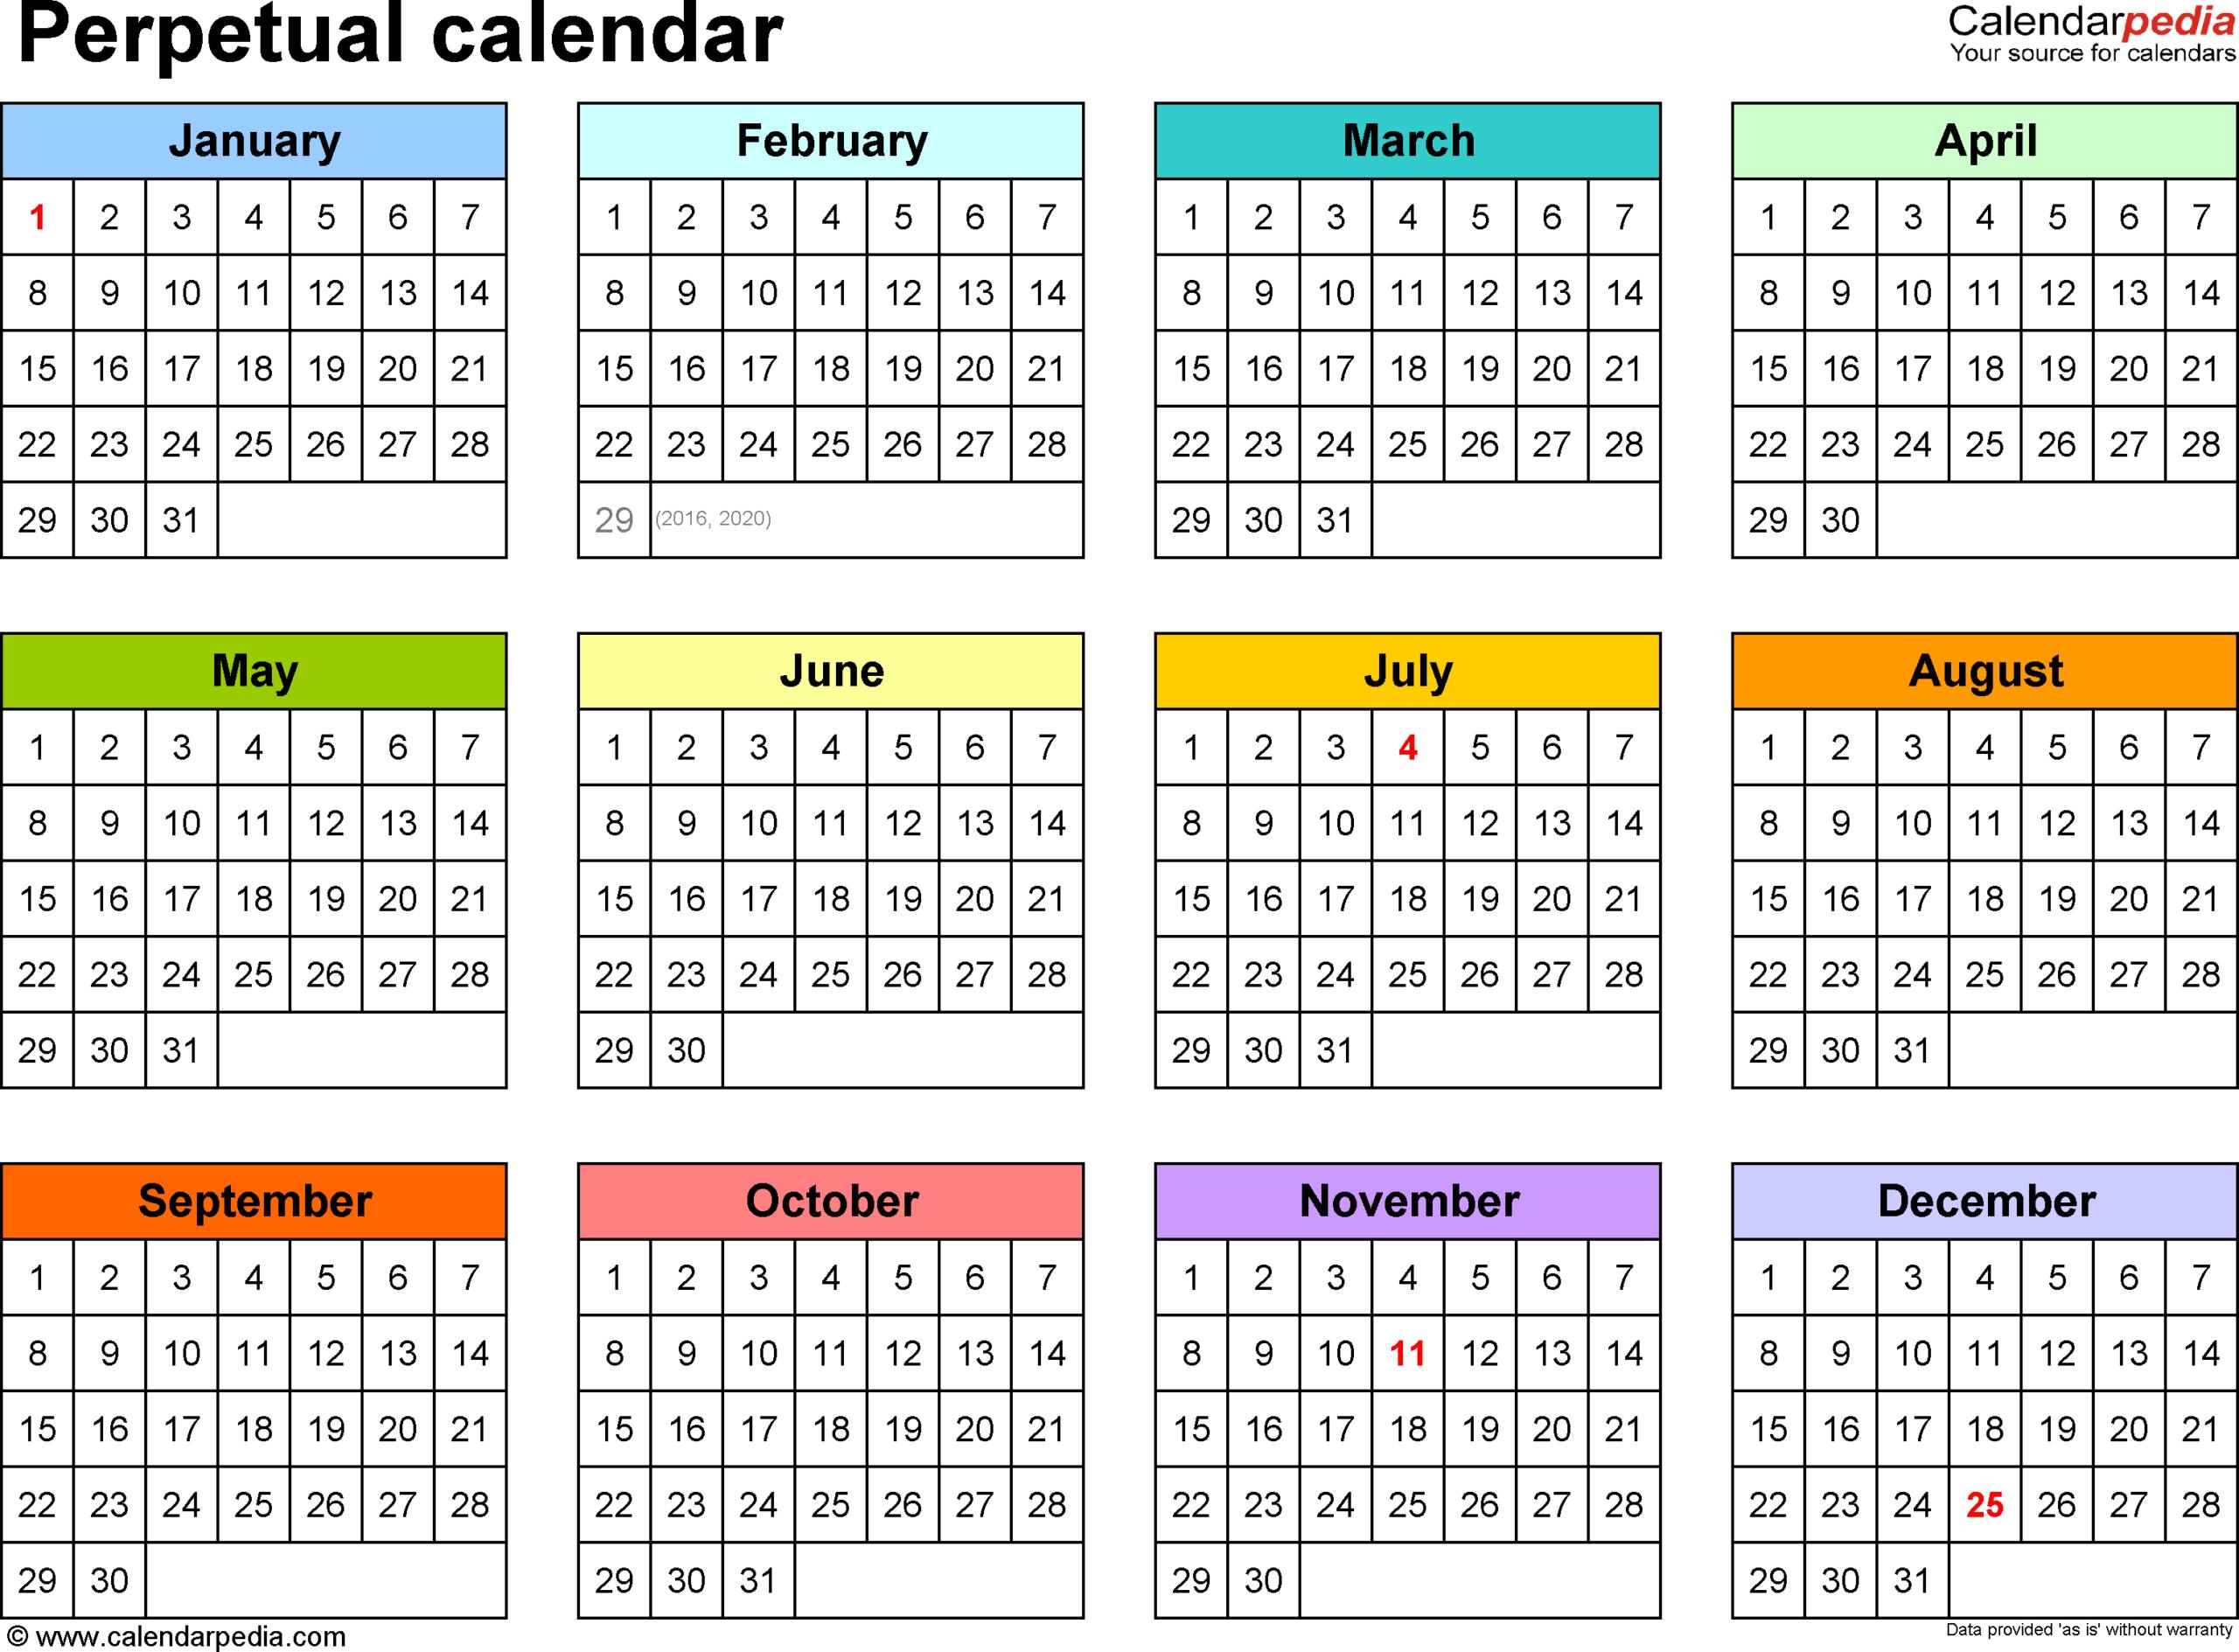 Perpetual Calendars  7 Free Printable Pdf Templates regarding Free Perpetual Calendar Printable